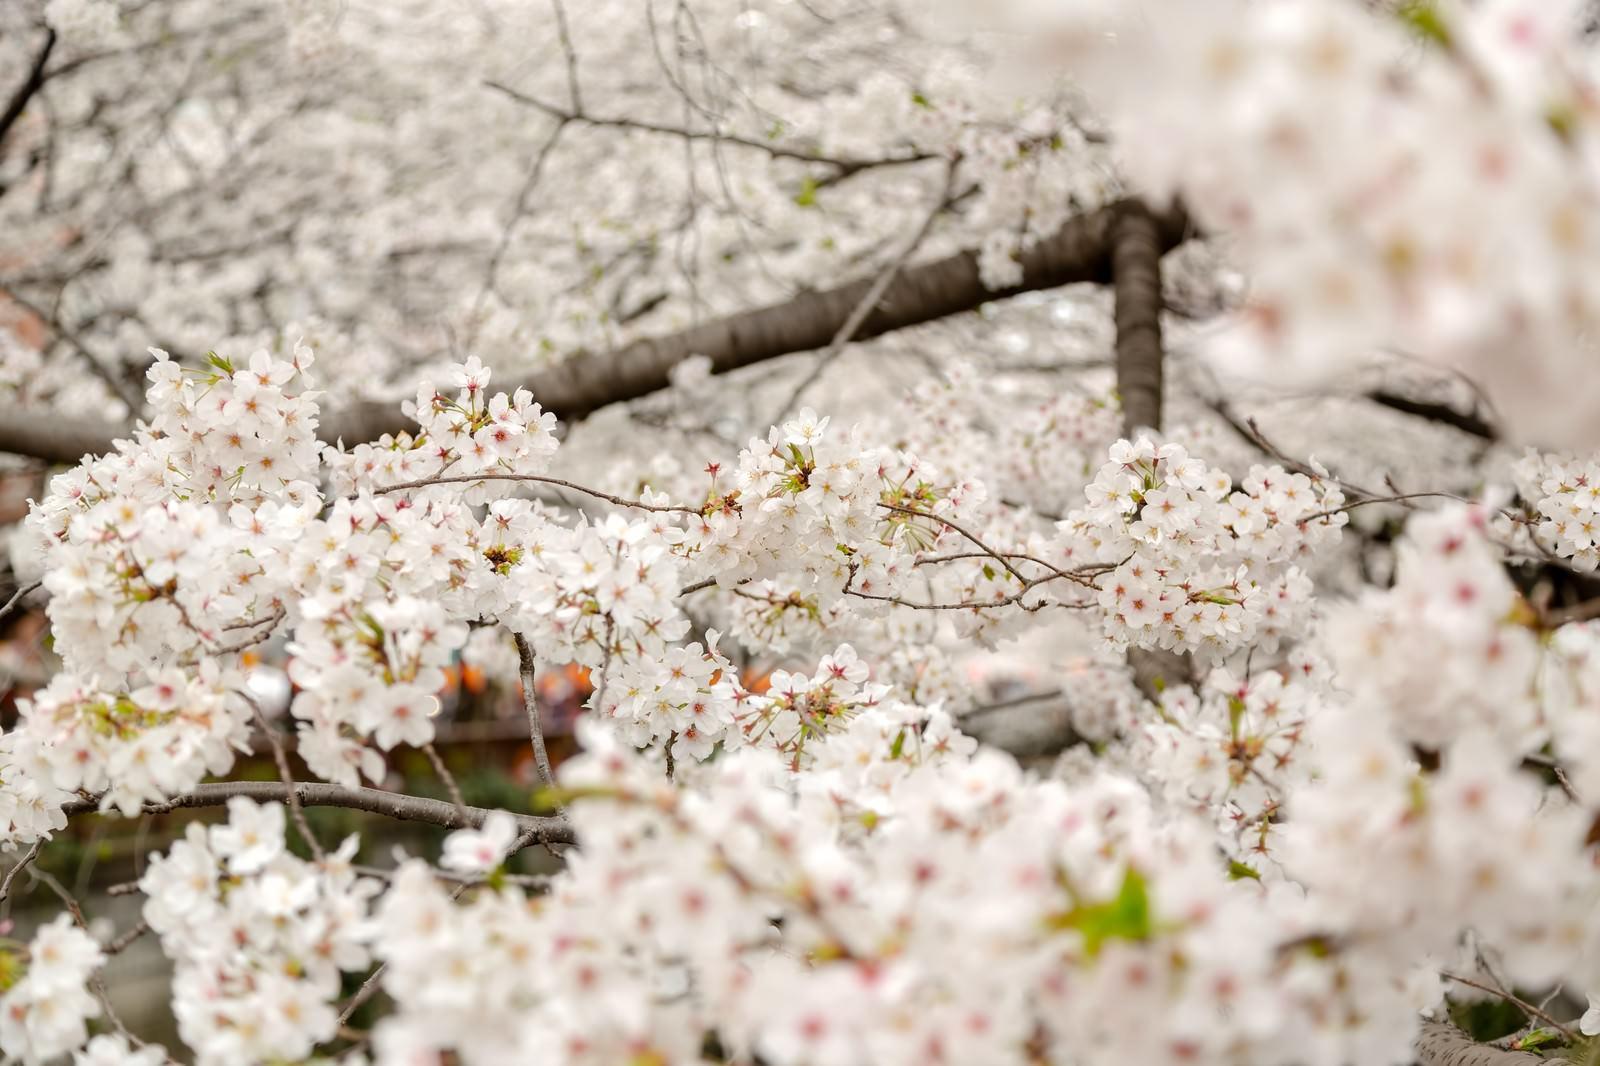 「春の始まり春の始まり」のフリー写真素材を拡大